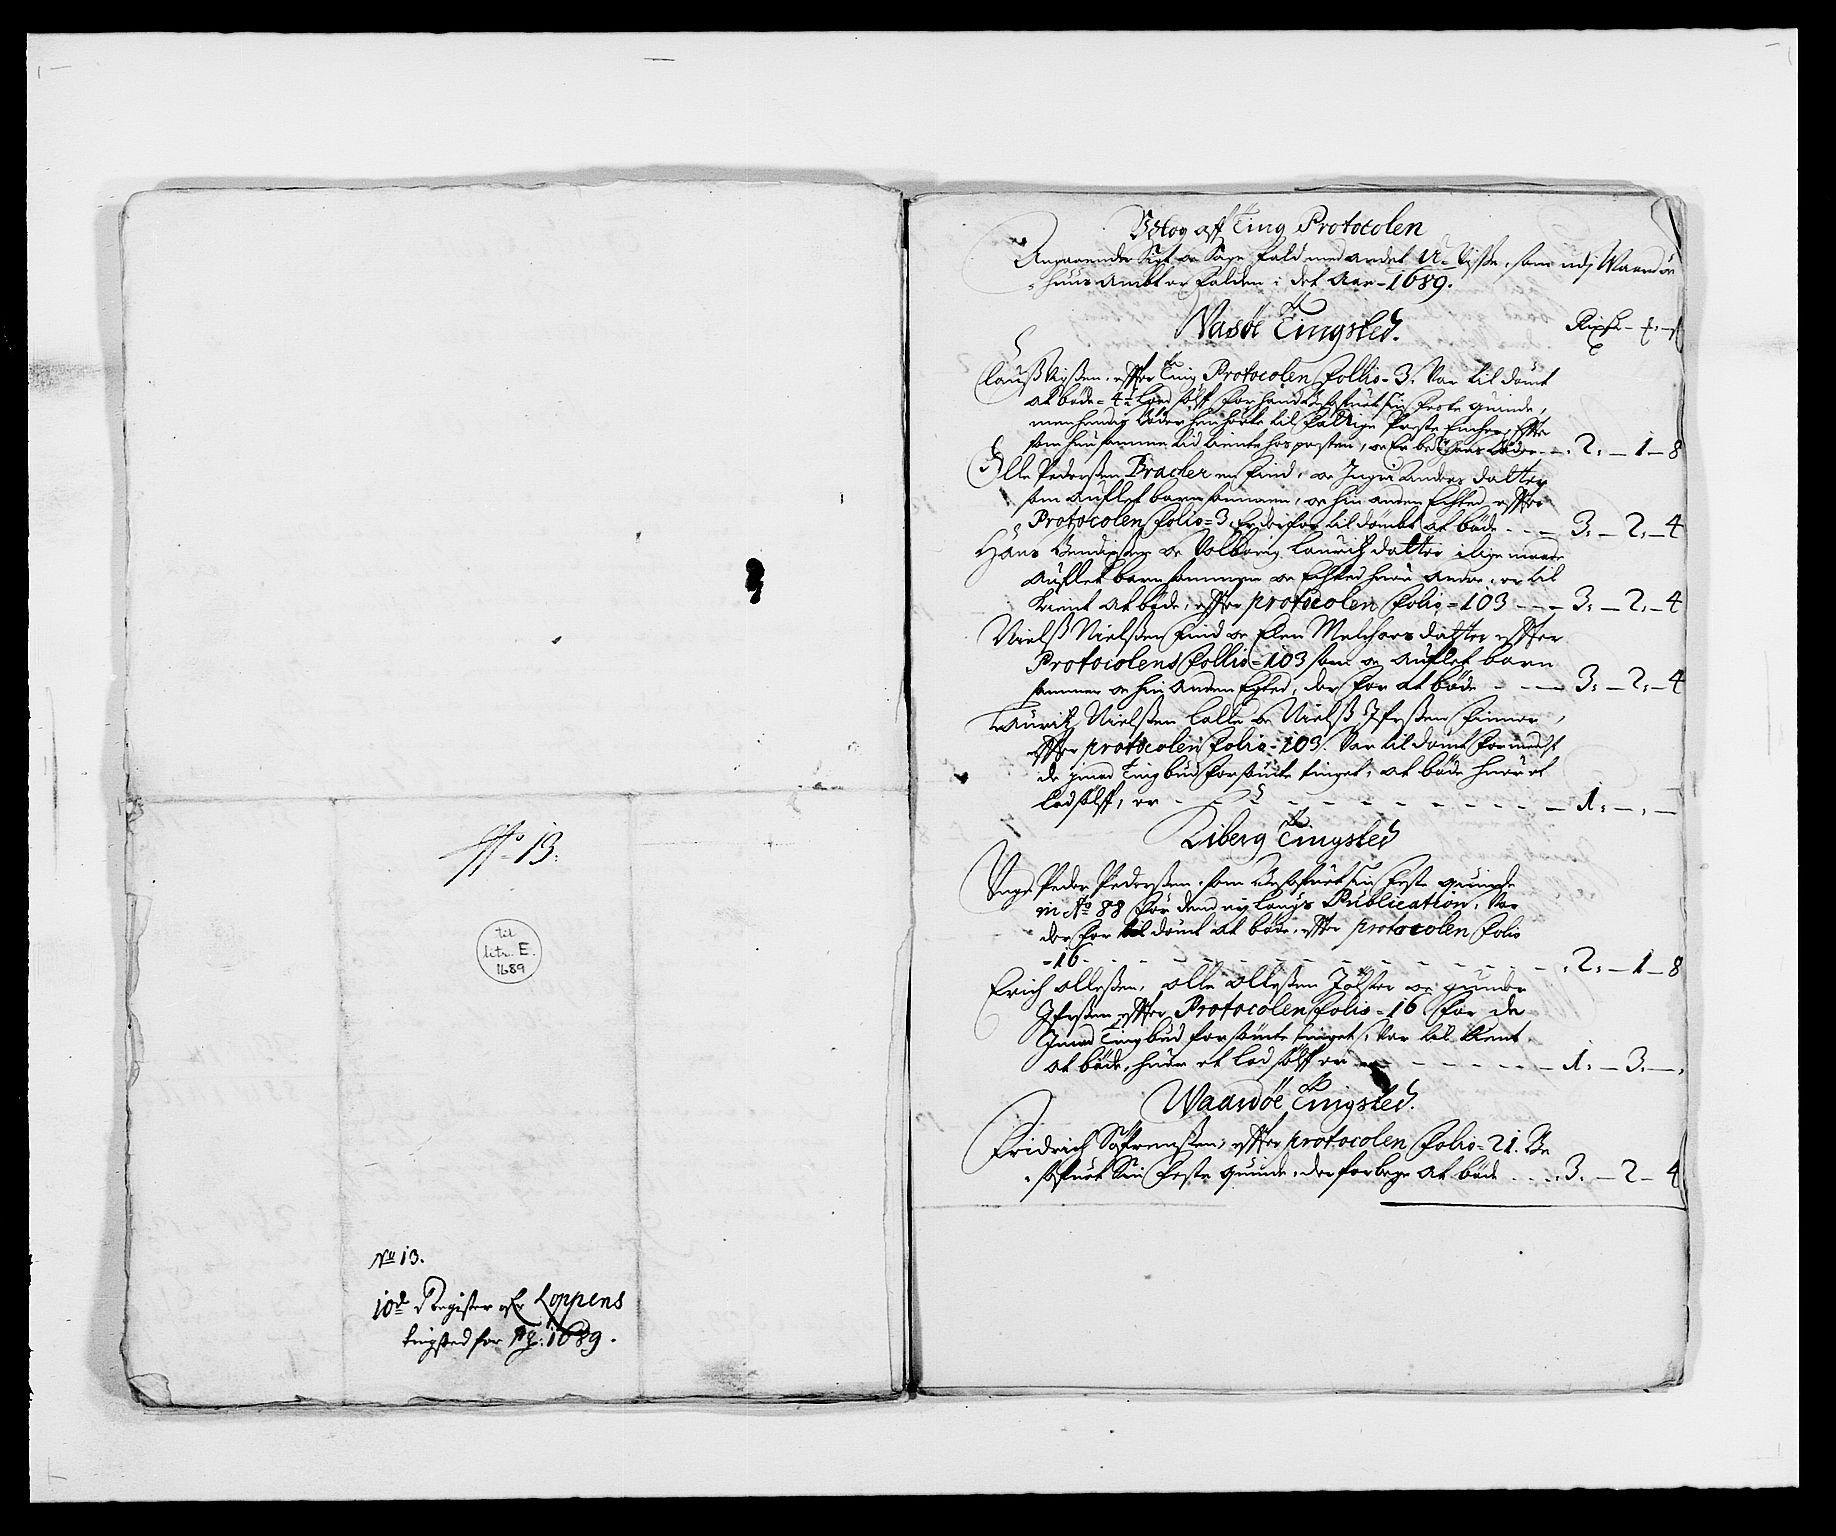 RA, Rentekammeret inntil 1814, Reviderte regnskaper, Fogderegnskap, R69/L4850: Fogderegnskap Finnmark/Vardøhus, 1680-1690, s. 179